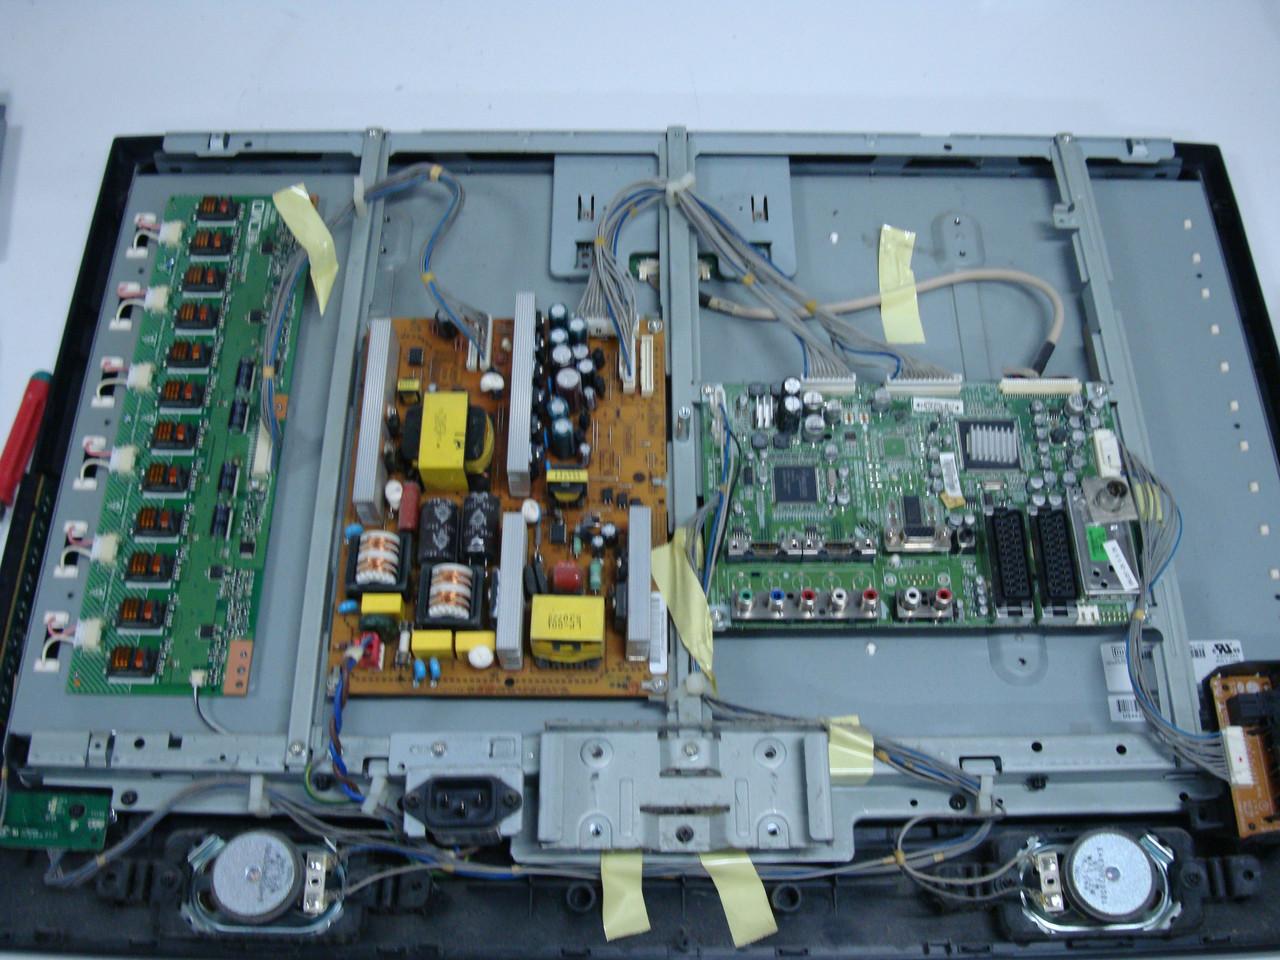 Запчасти к телевизору LG 26LC51 (EAX32572506(0), EAX31845101/9 rev1.0, VIT70038.50 REV.3, V260B1-C03)